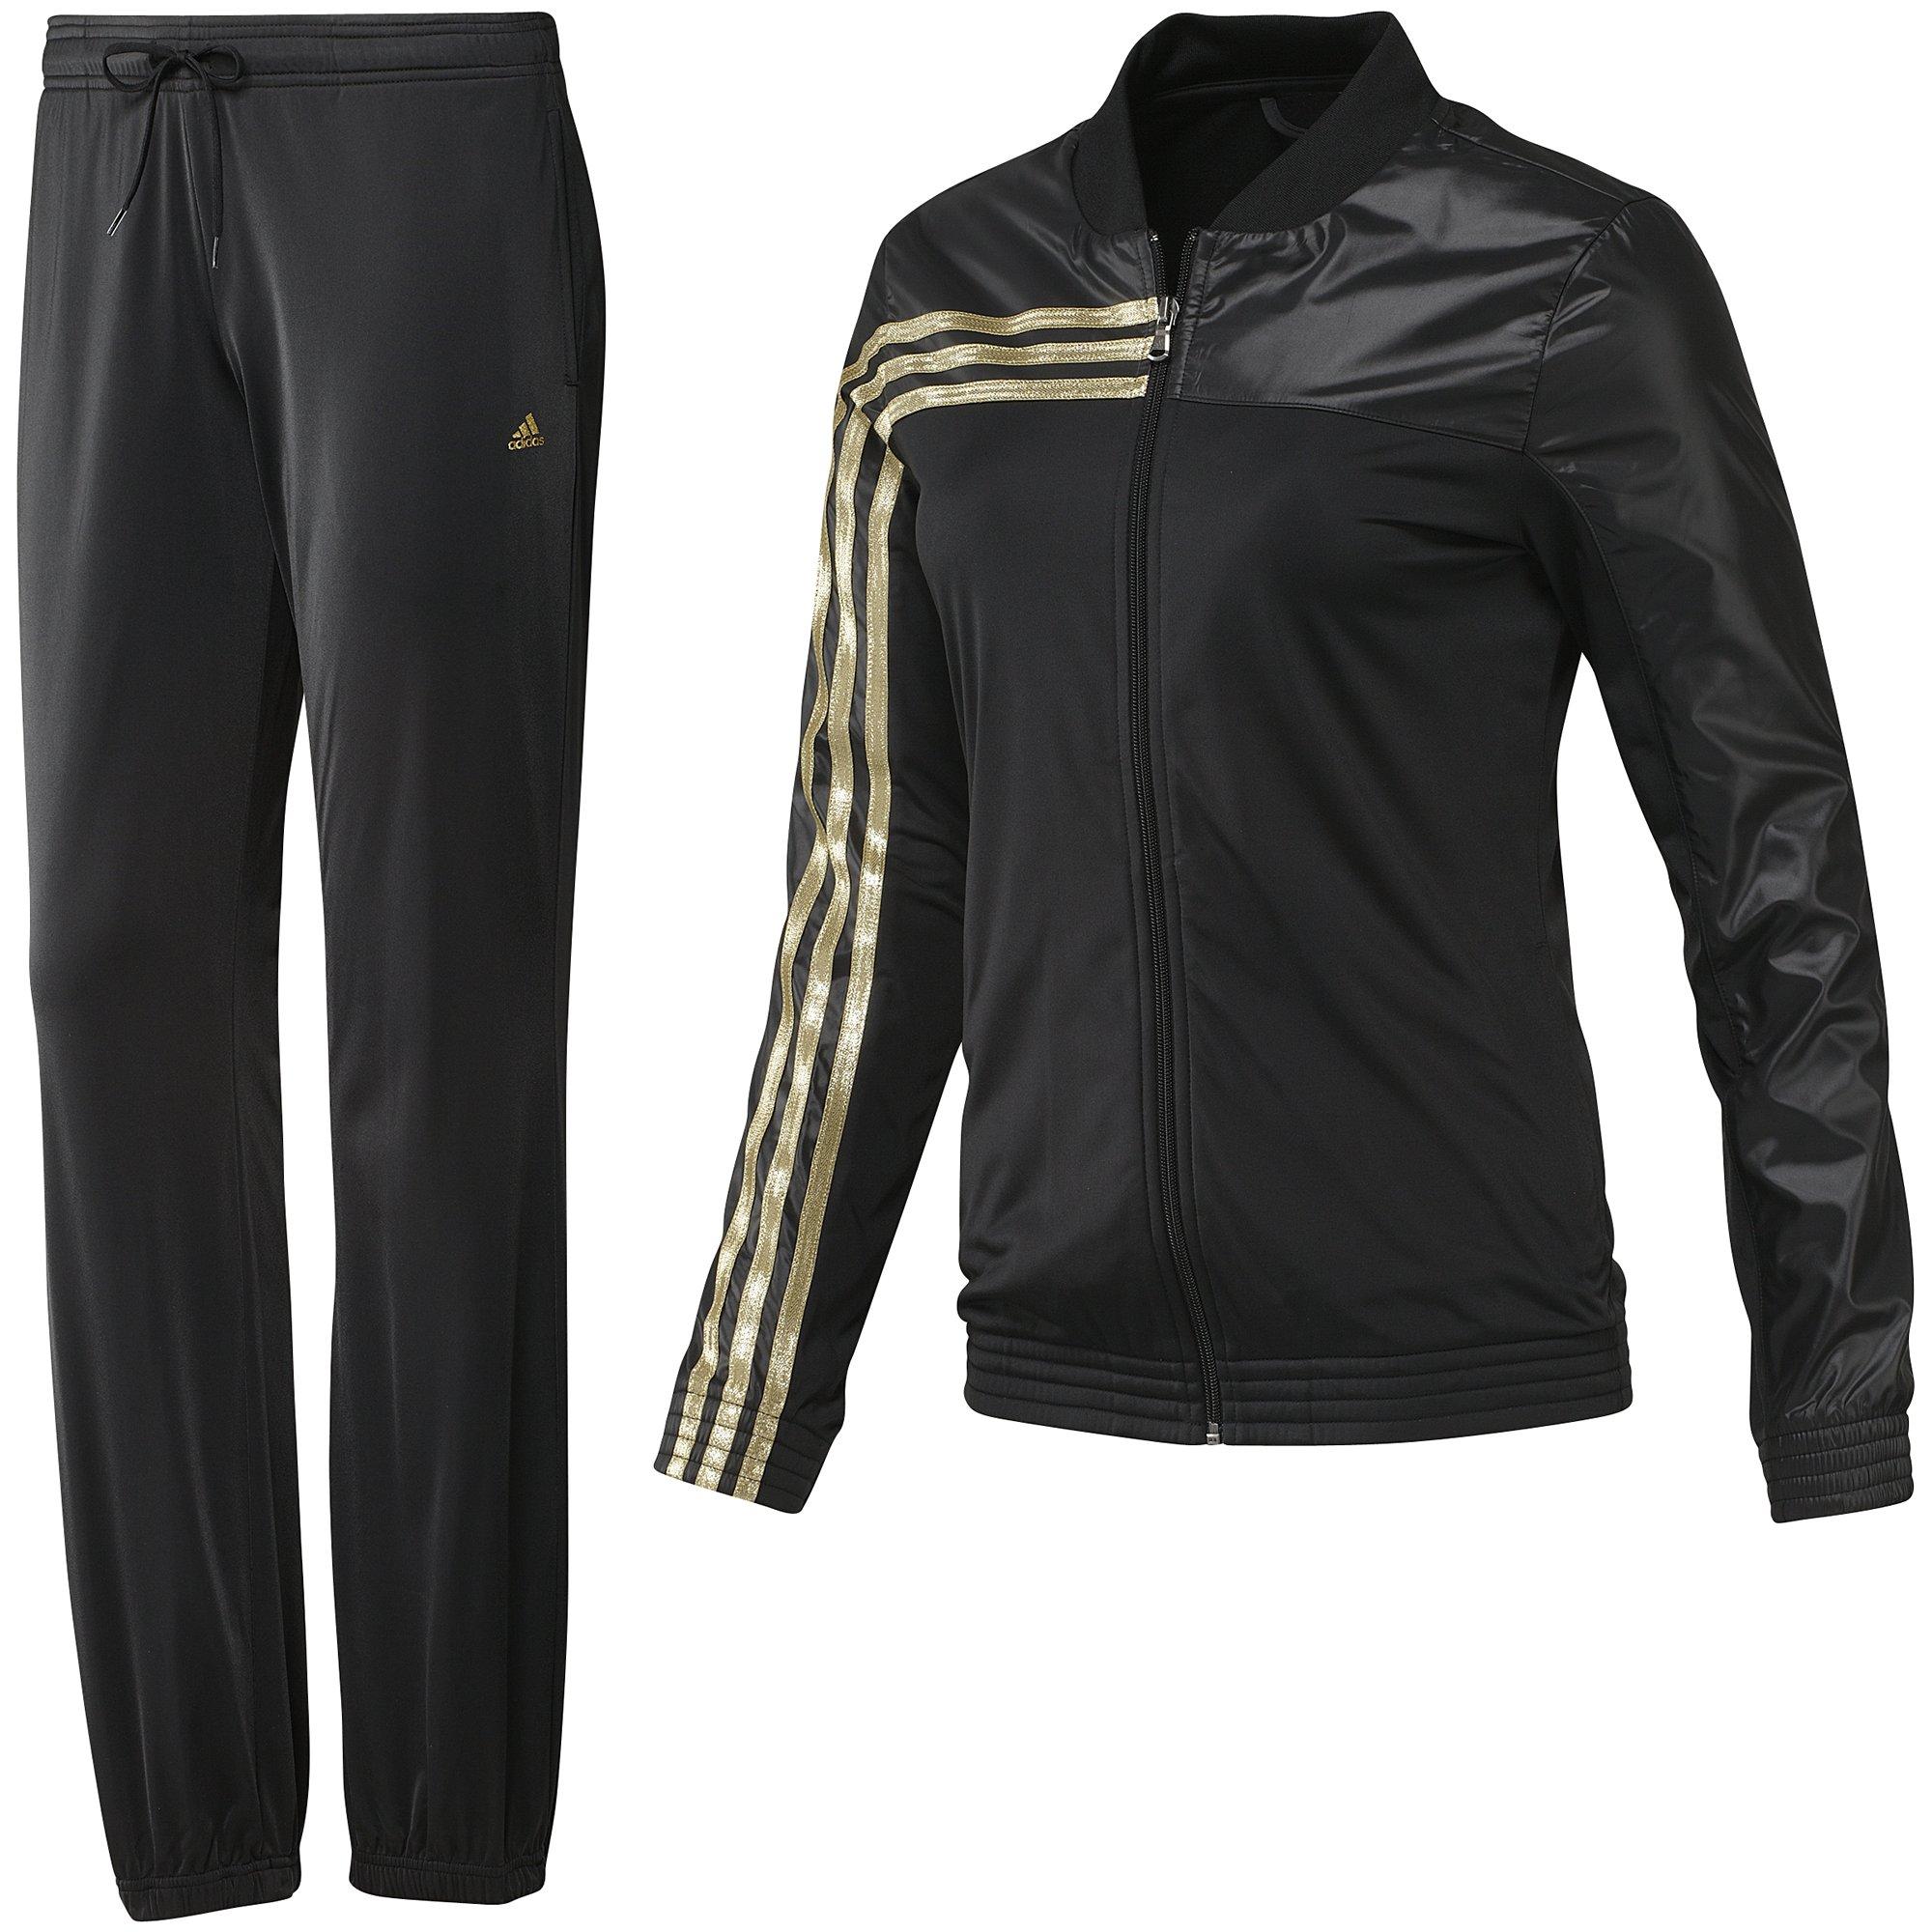 Теплые спортивные костюмы женские адидас доставка